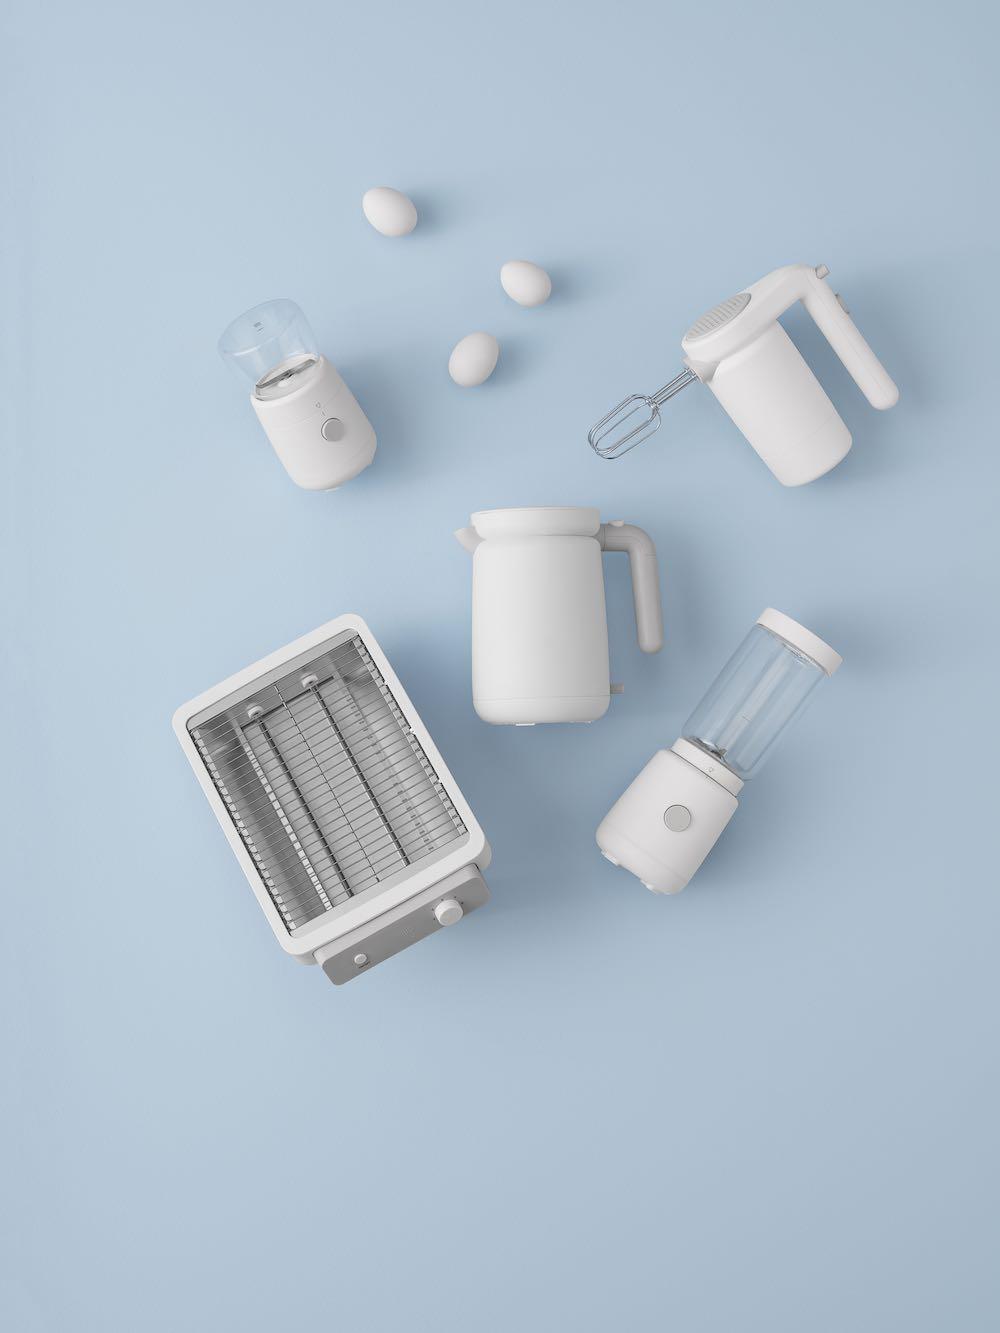 Styling ID Lifestyle FOODIE de nieuwe lijn elektrische keukenapparatuur van RIG-TIG 3